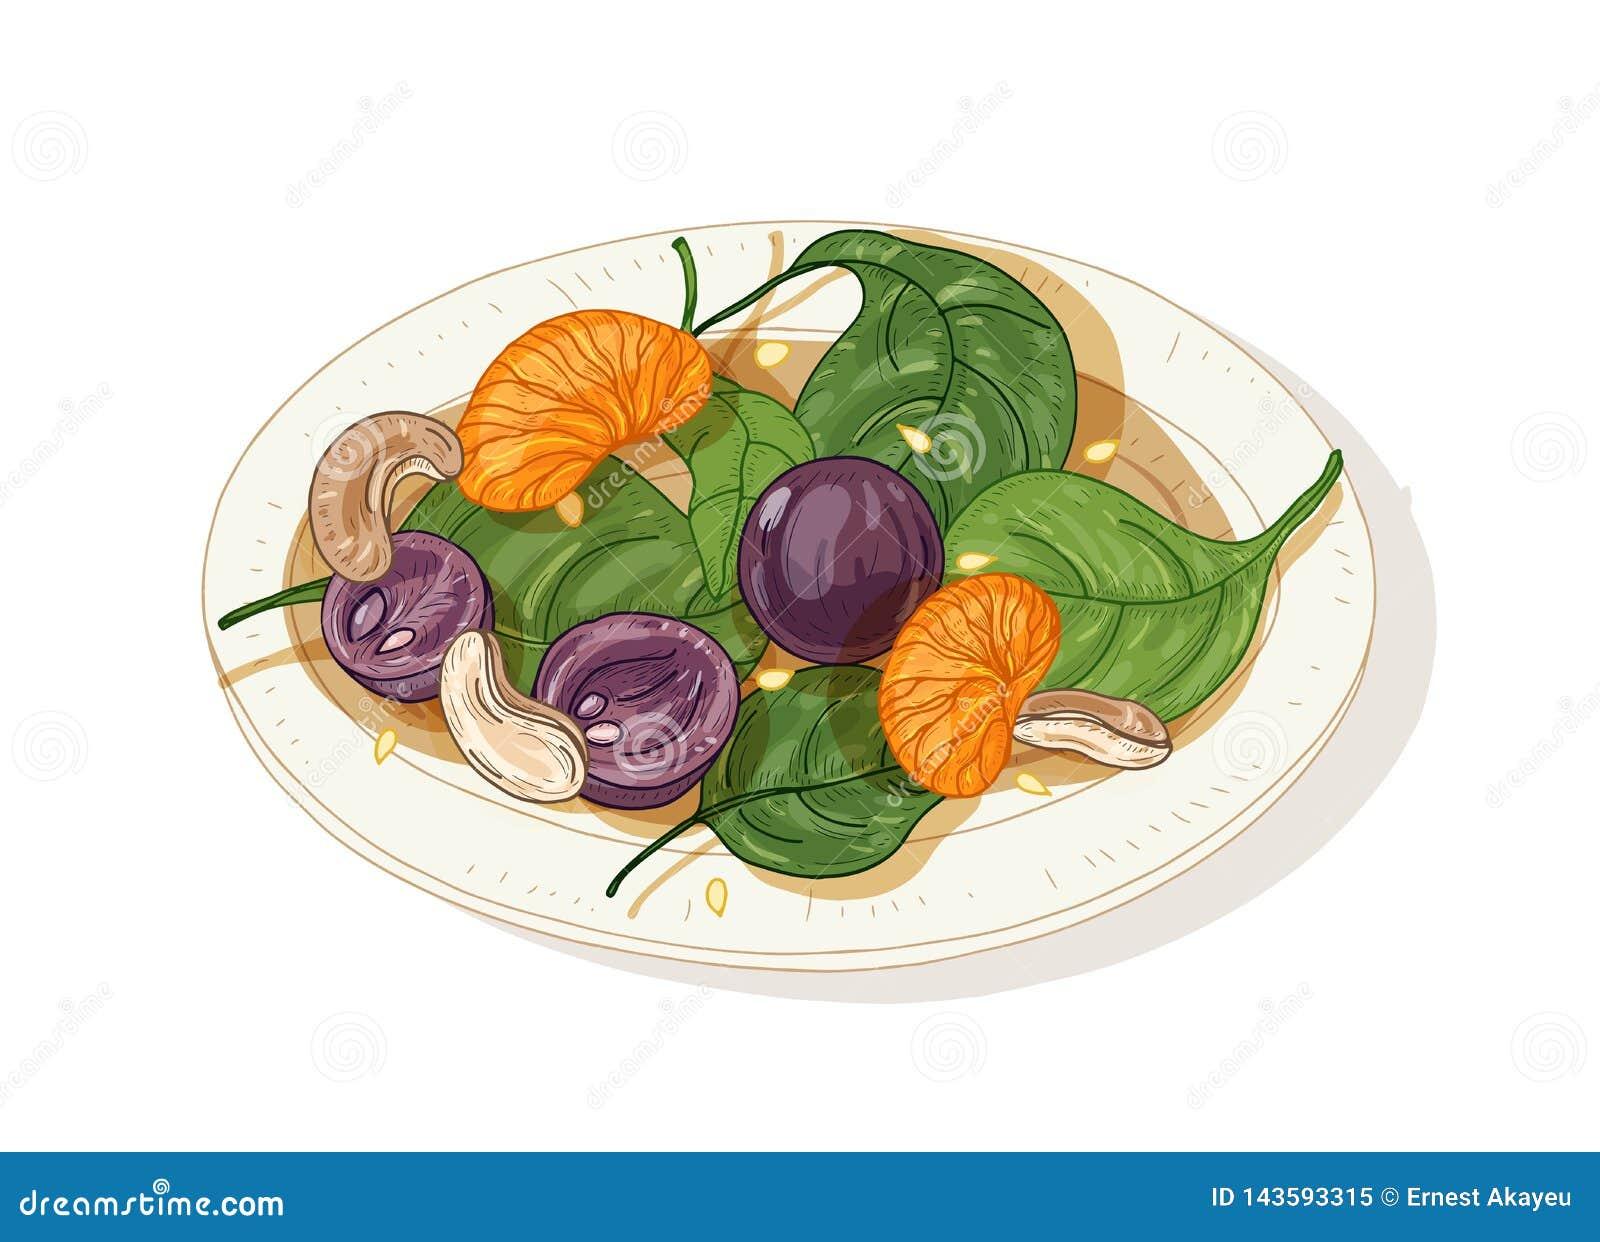 Очень вкусный салат на плите изолированной на белой предпосылке Вкусная еда стартера veggie ресторана сделанная из плодов, гаек и